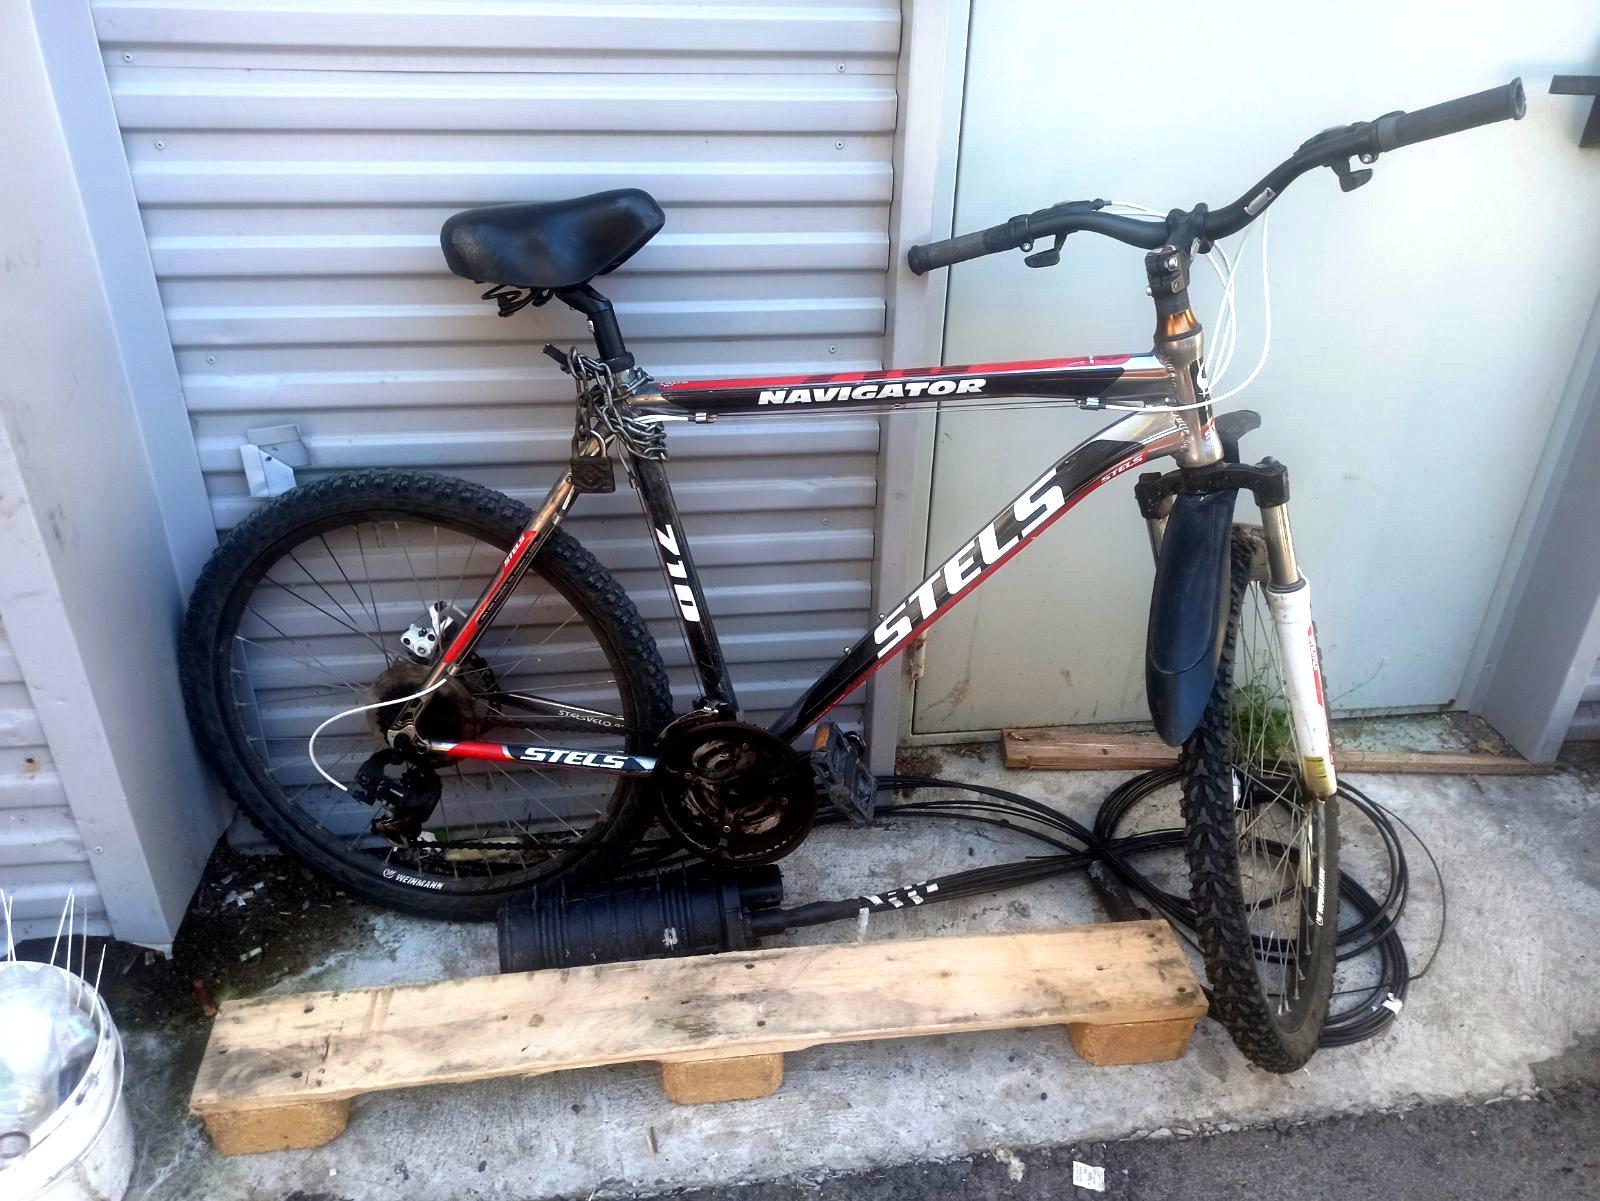 Велосипед на котором приехал злоумышленник